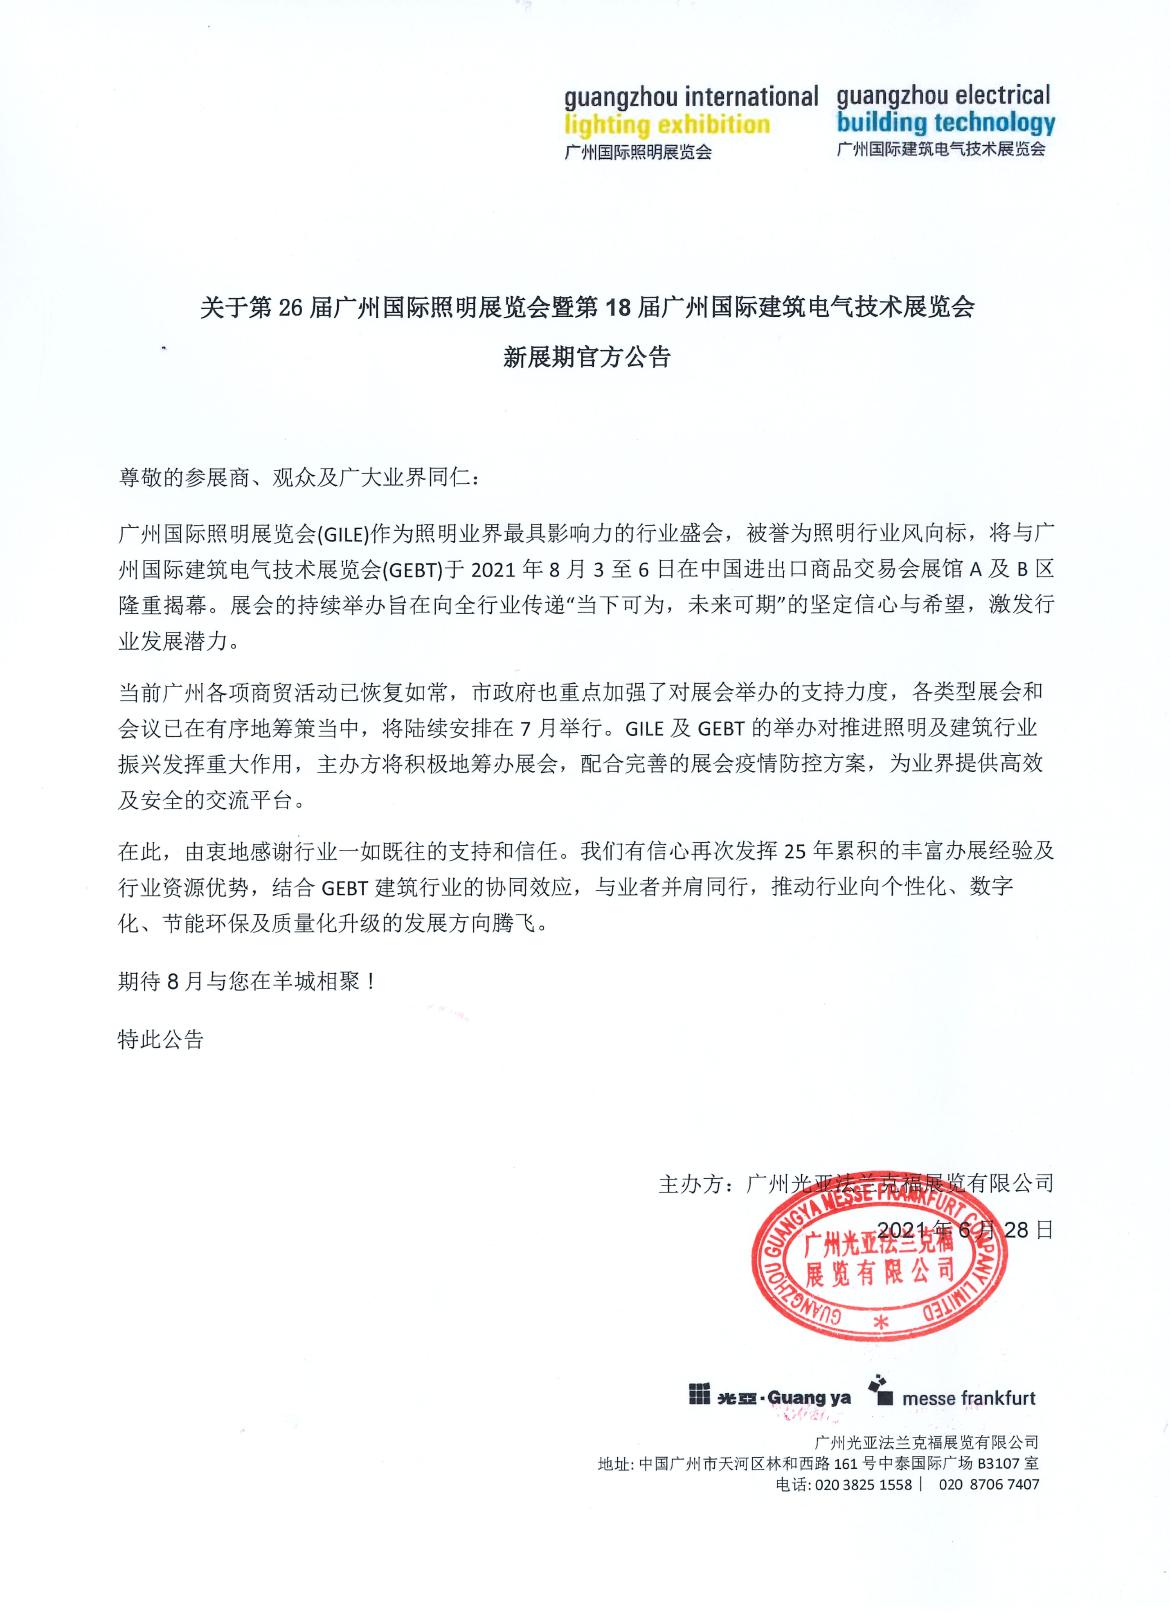 关于第26届广州国际照明展览会暨第18届广州国际建筑电气技术展览会新展期官方公告